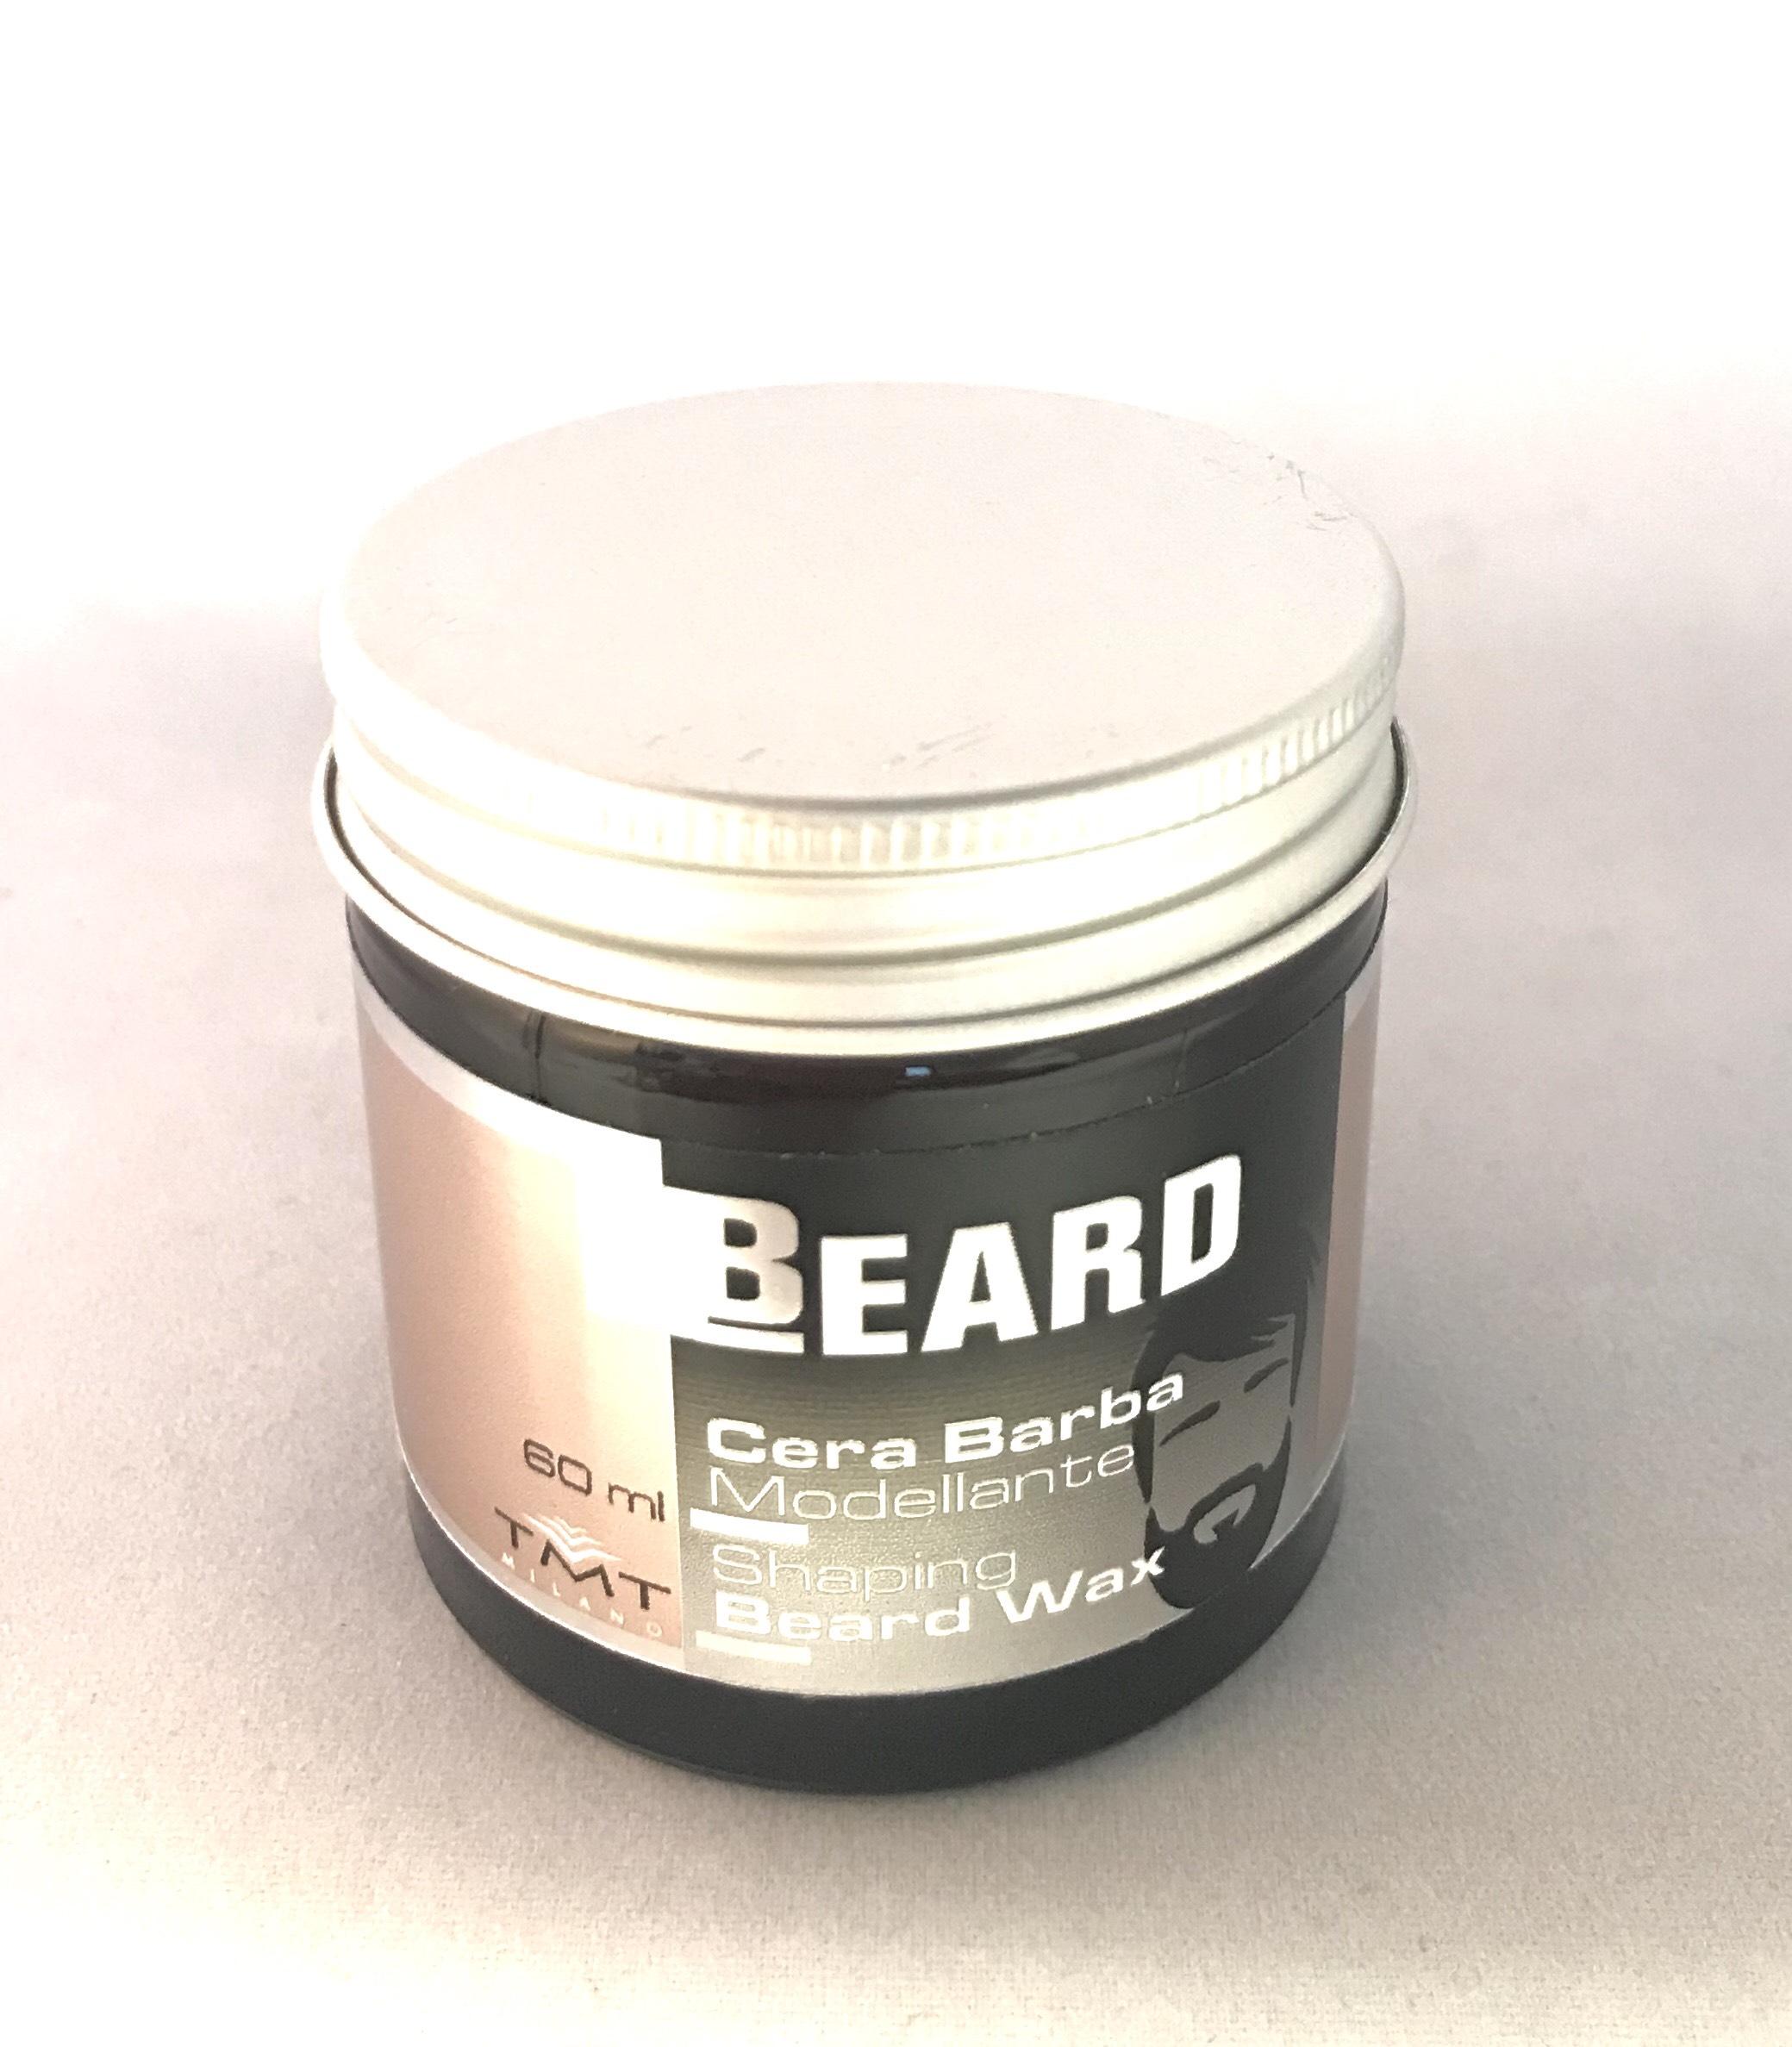 B-BEARD cera modellante barba